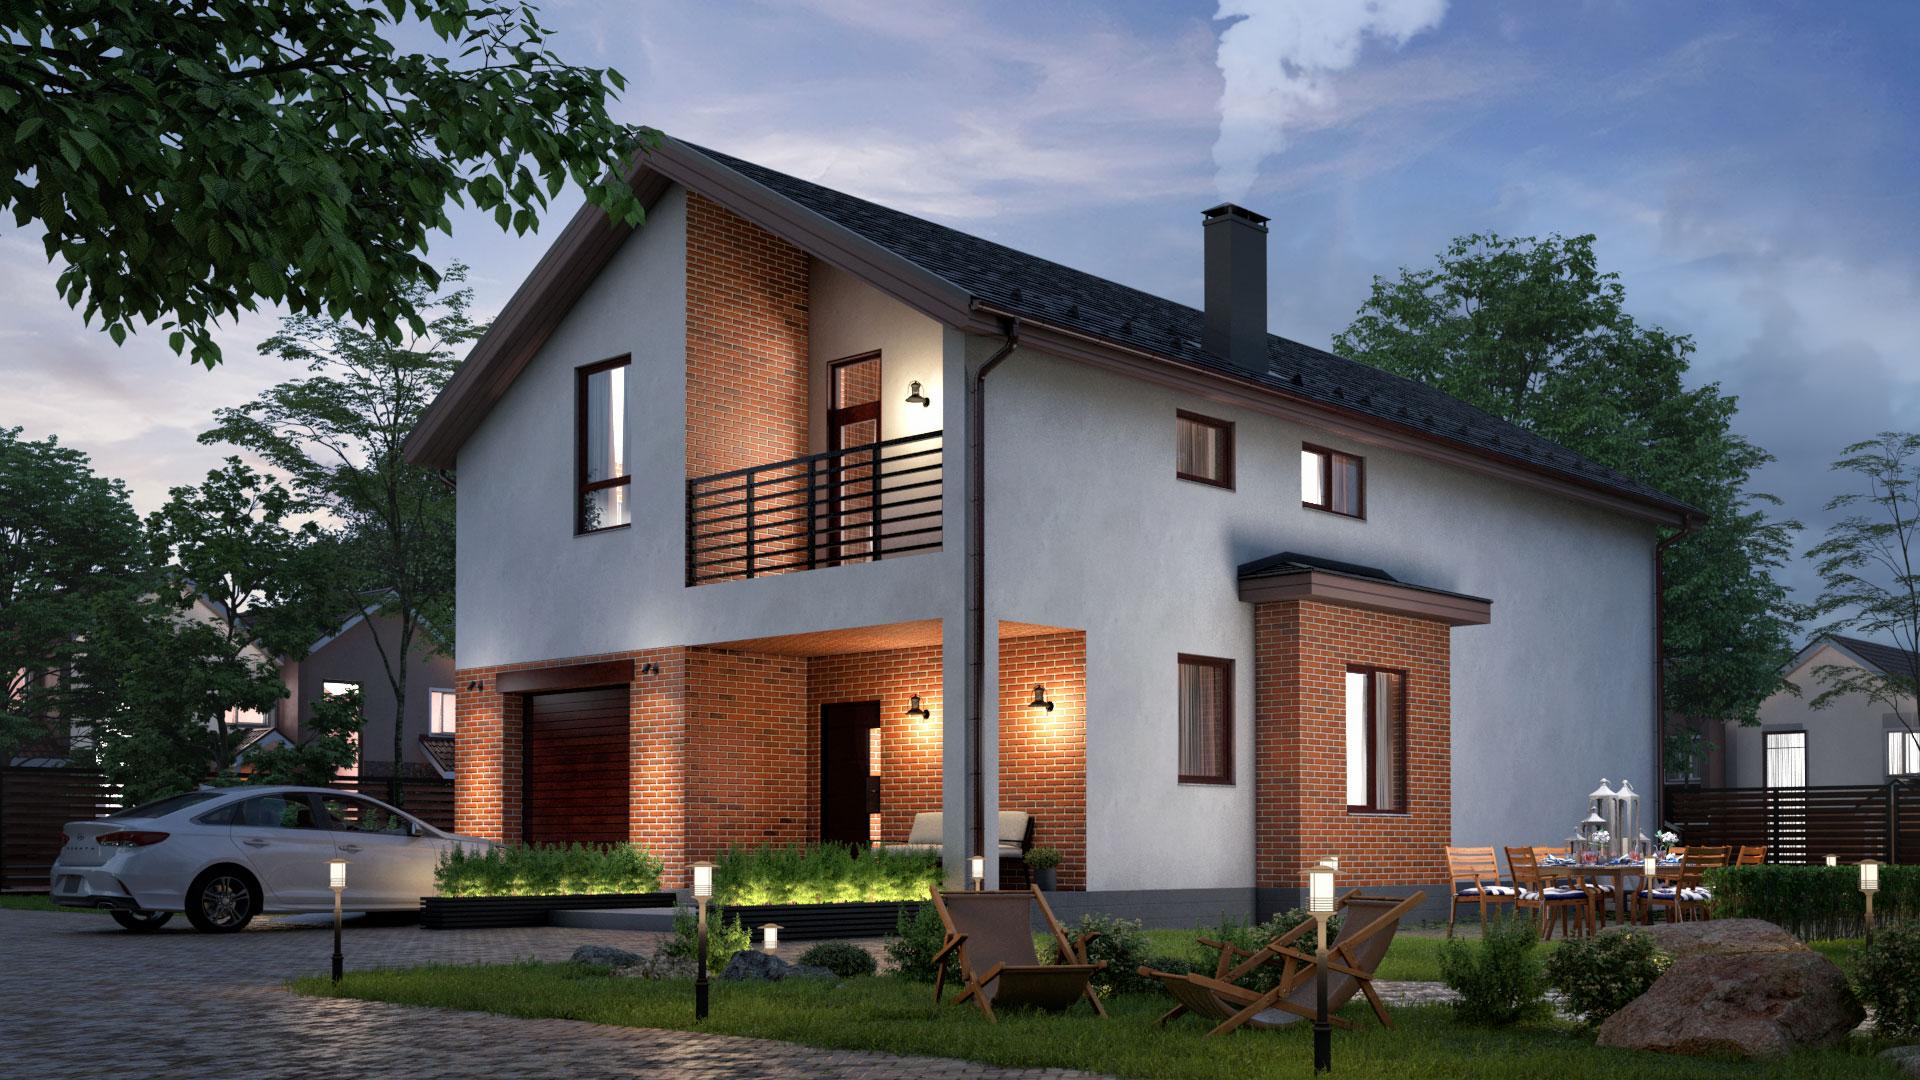 Вечернее фото двухэтажного дома с террасой, 211,30 м2, проект БП-272/1.